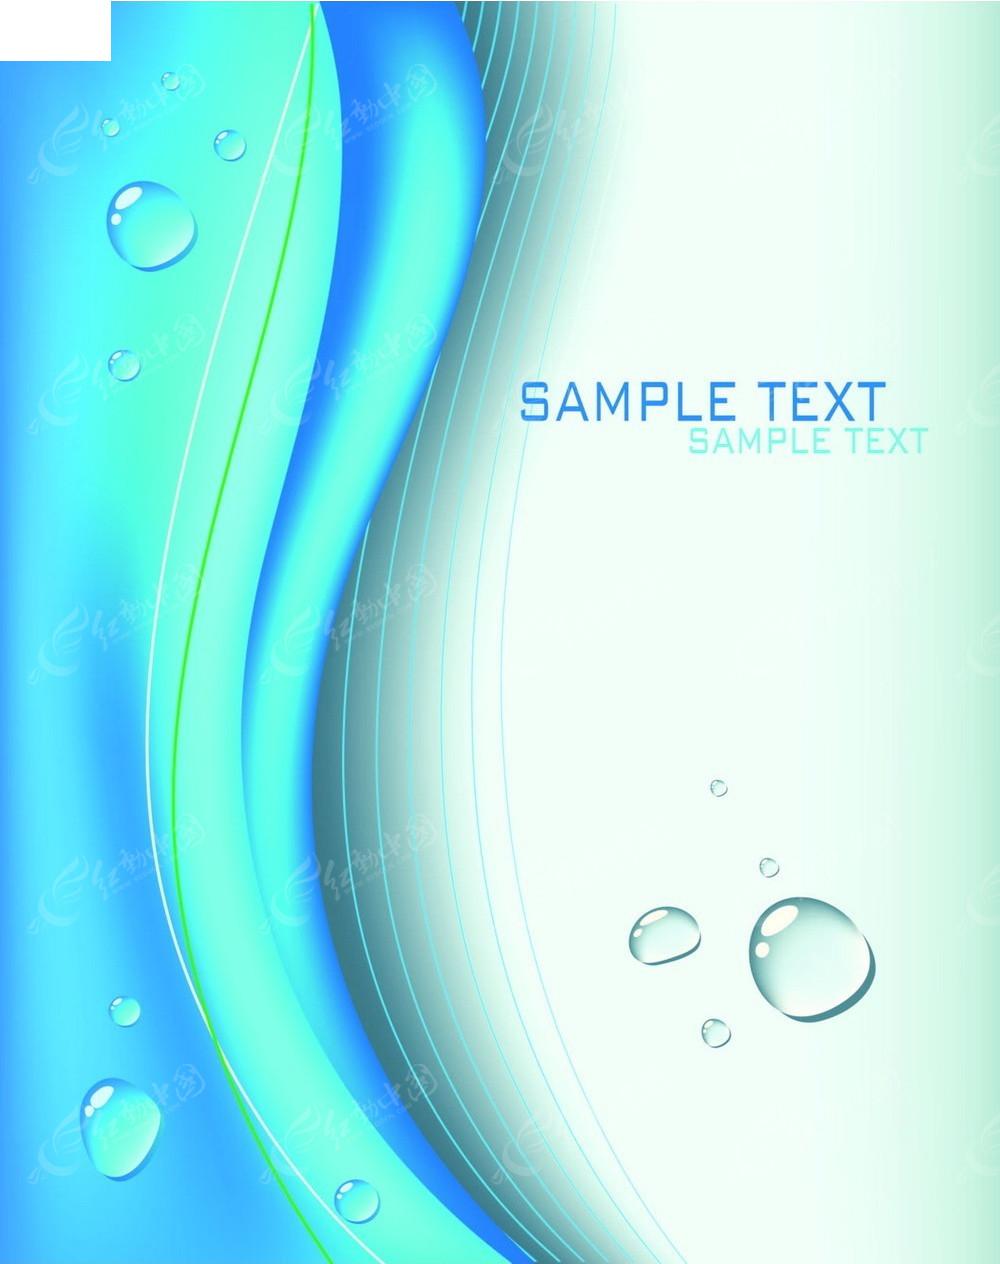 蓝色水滴波浪封面eps免费下载_底纹背景素材图片